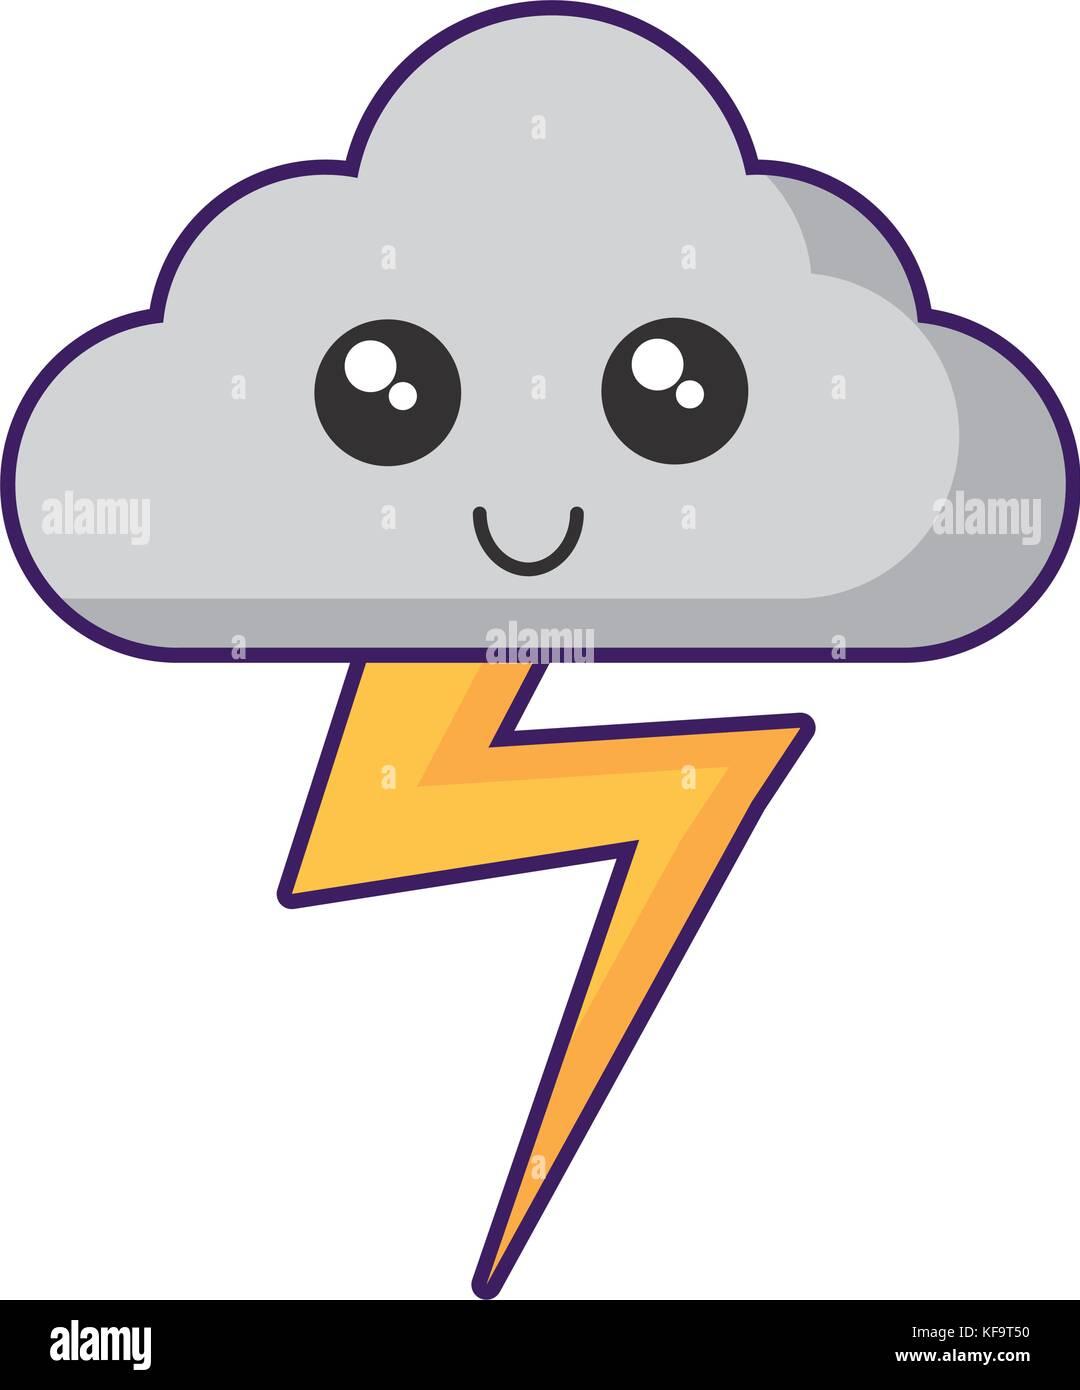 Kawaii cloud y truenos icono sobre fondo blanco ilustración vectorial Imagen De Stock